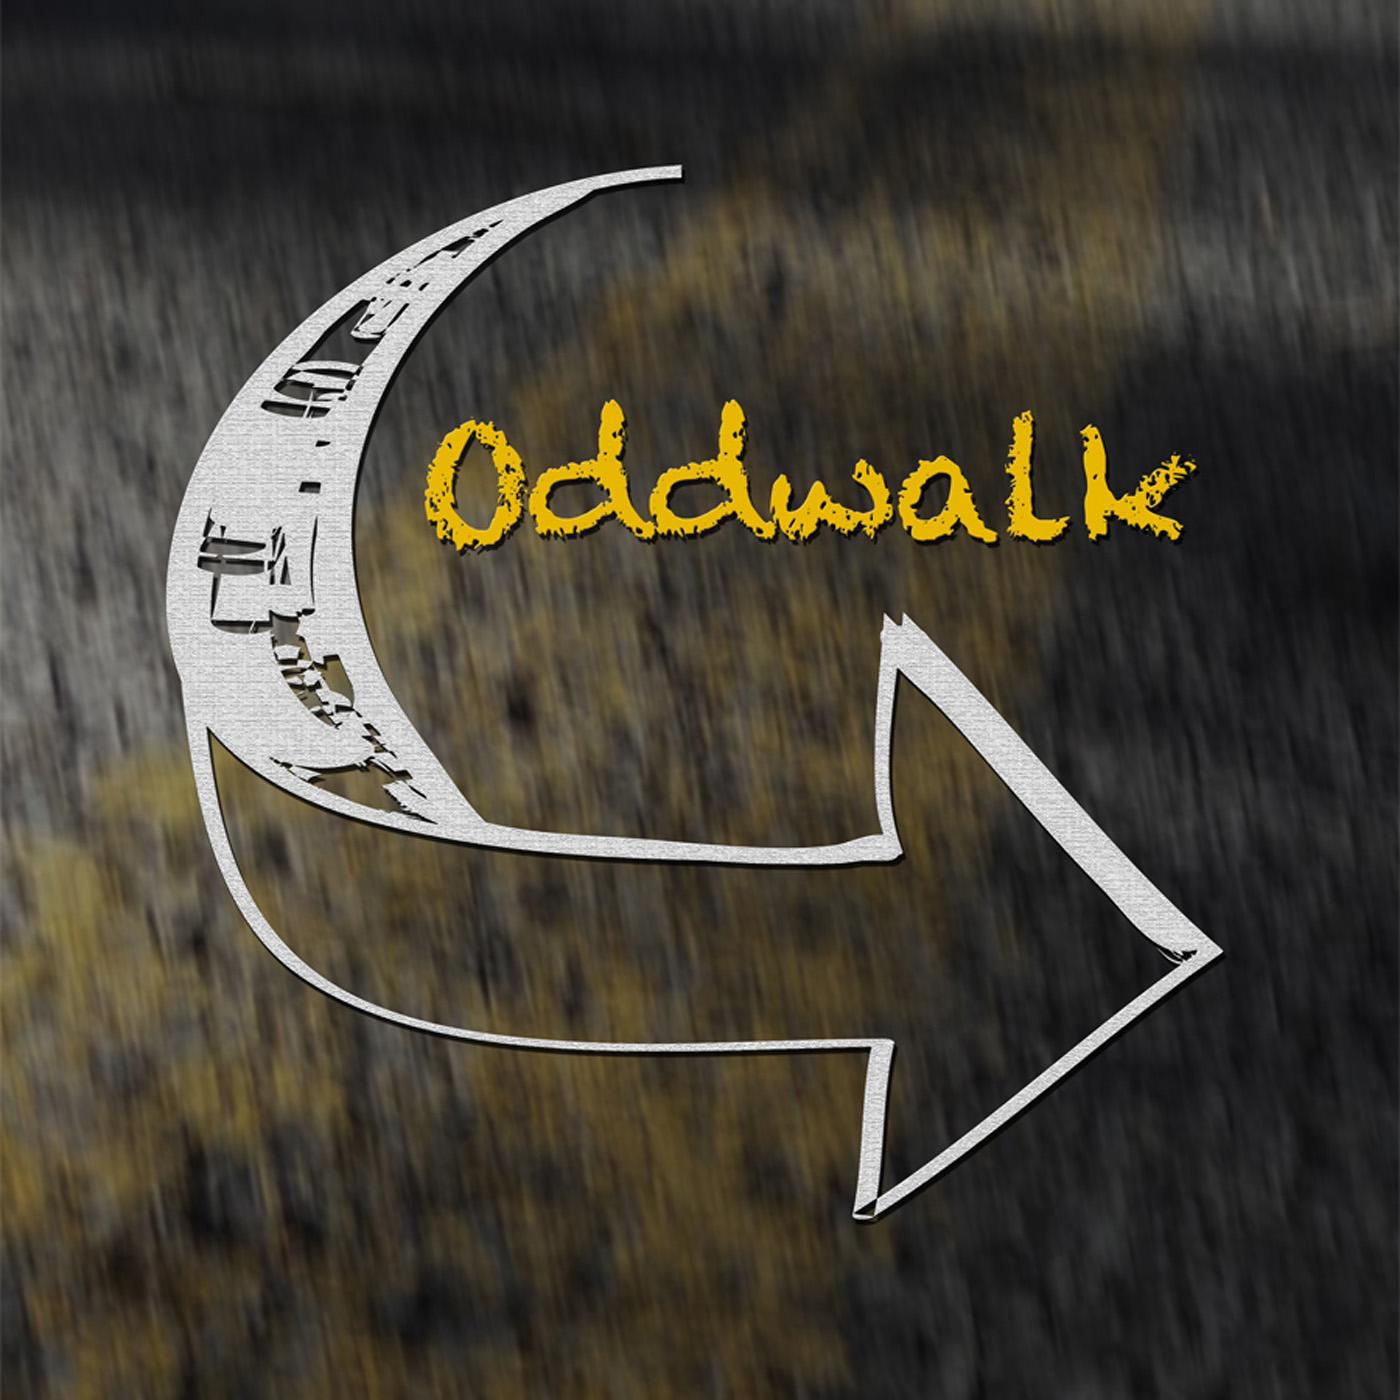 Oddwalk pOddcast 2.0